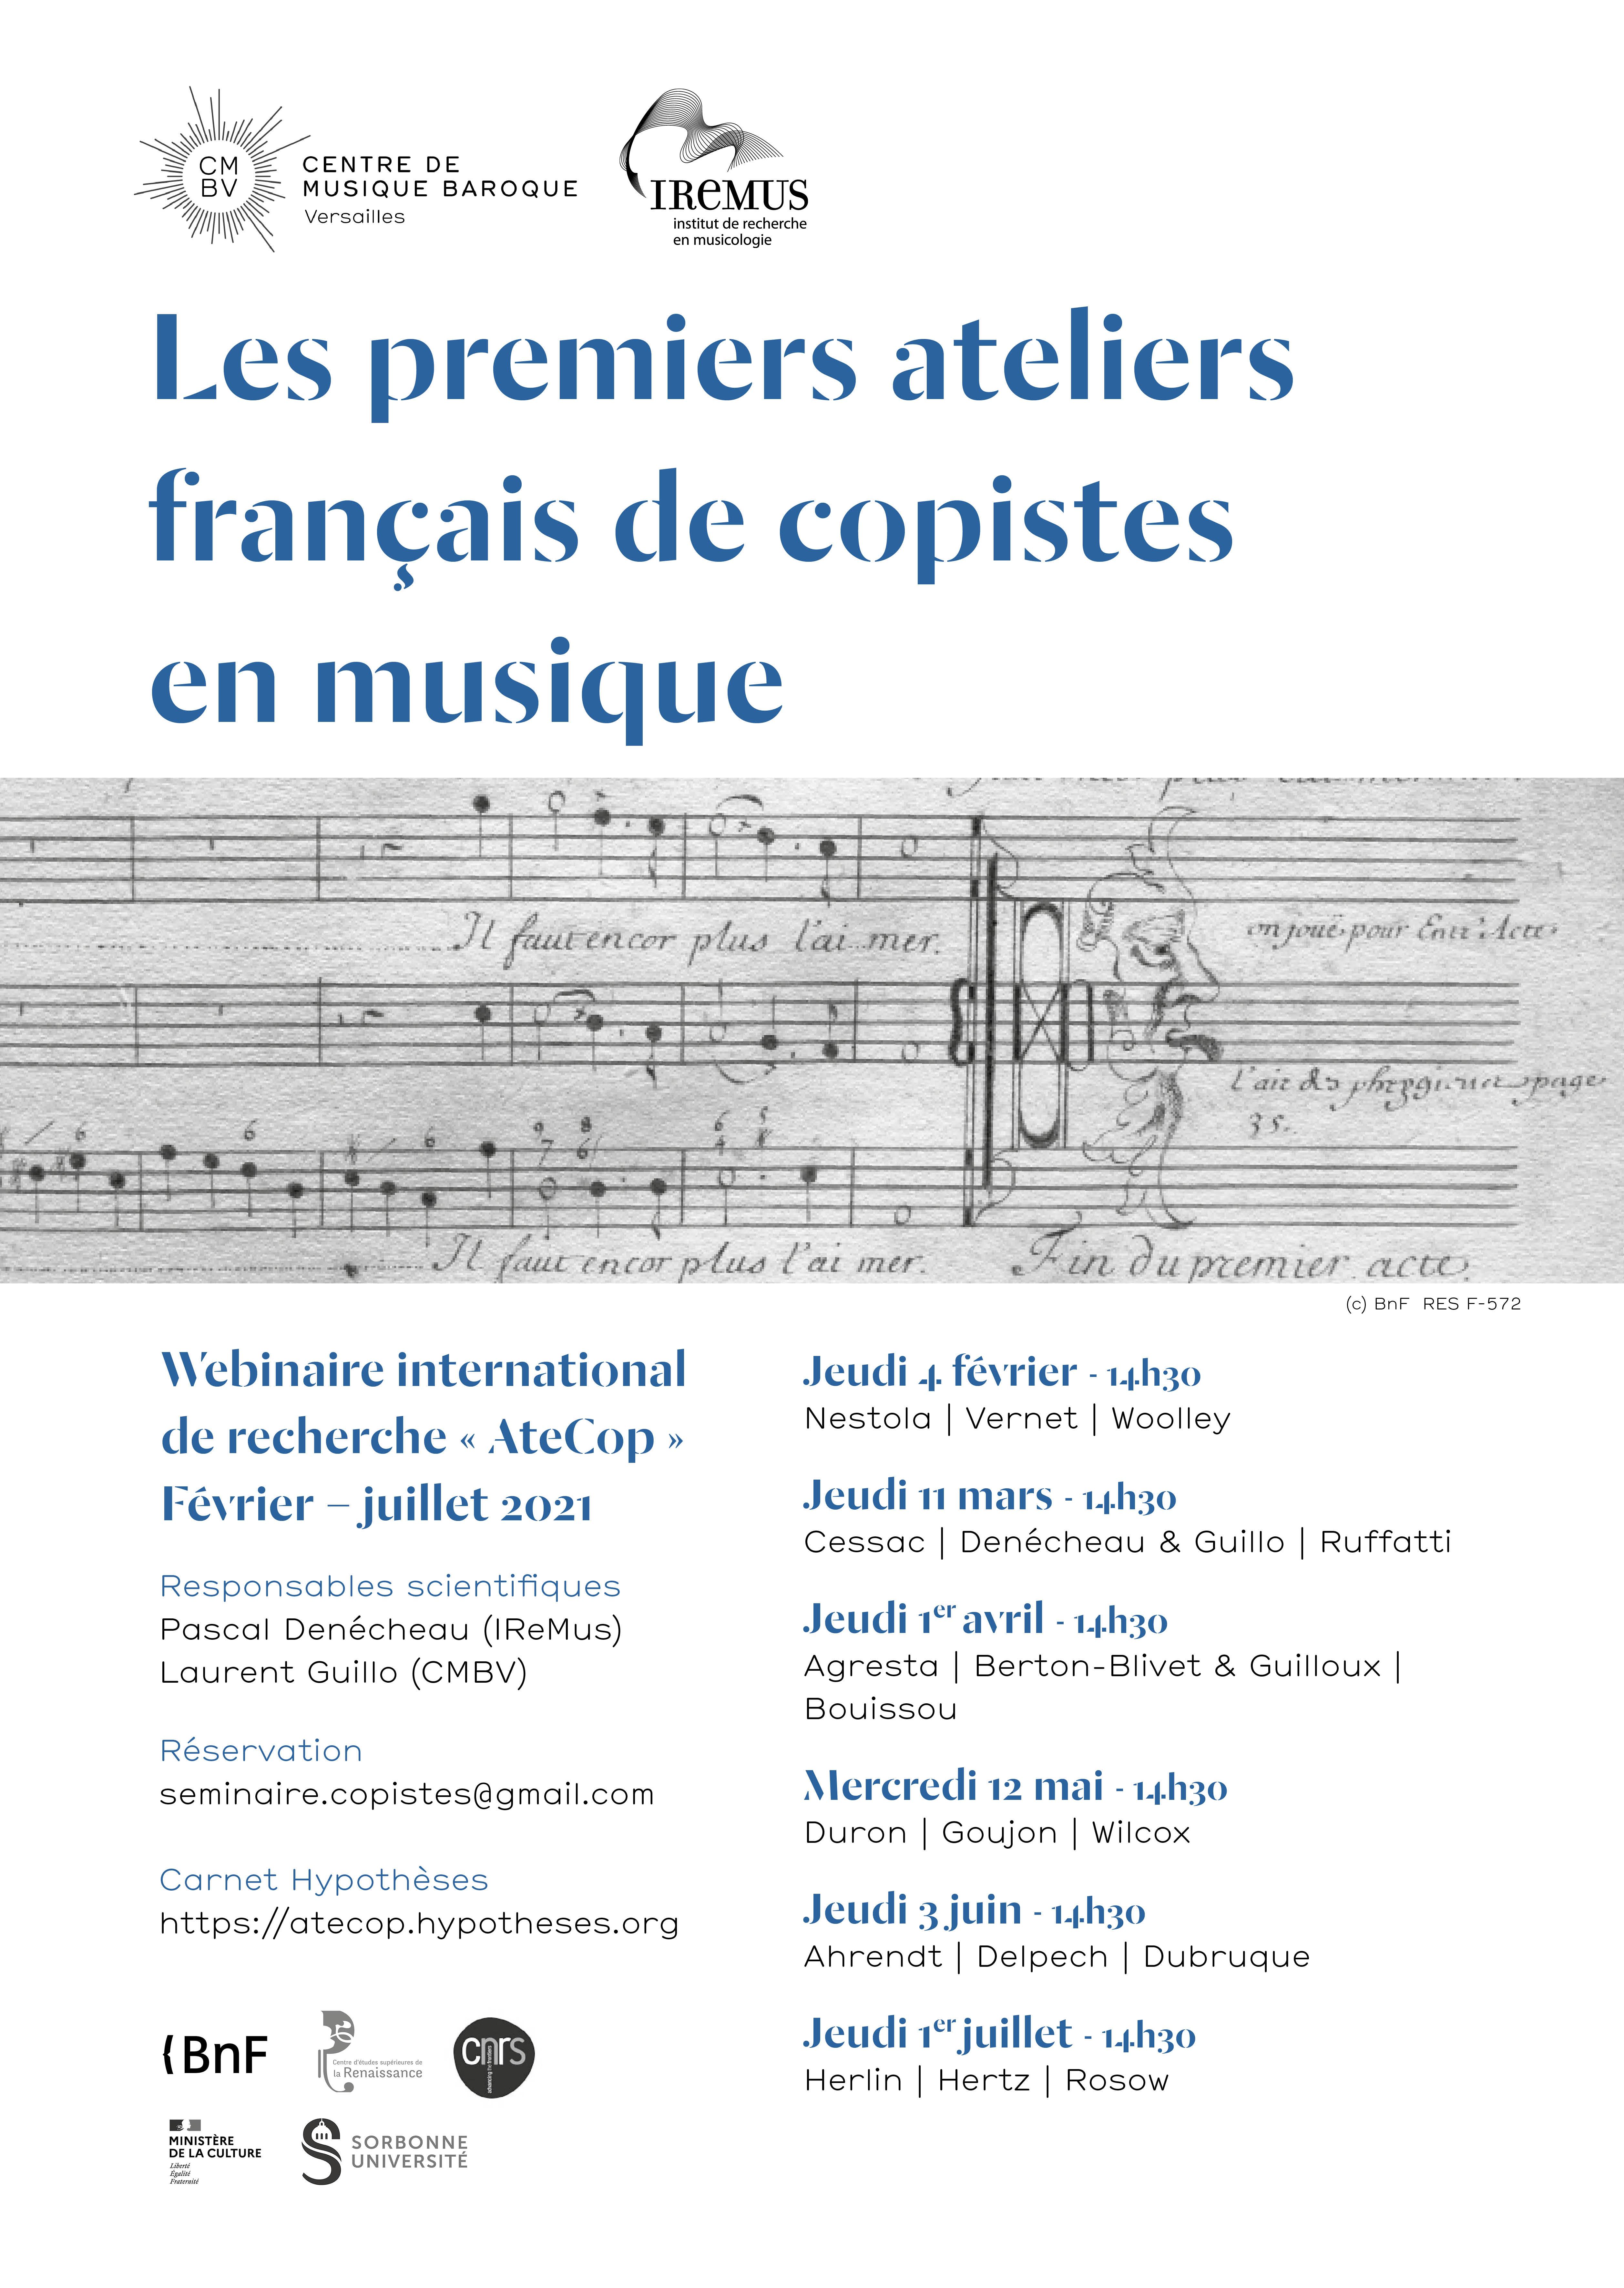 Les premiers ateliers français de copistes en musique (février-juillet 2021)